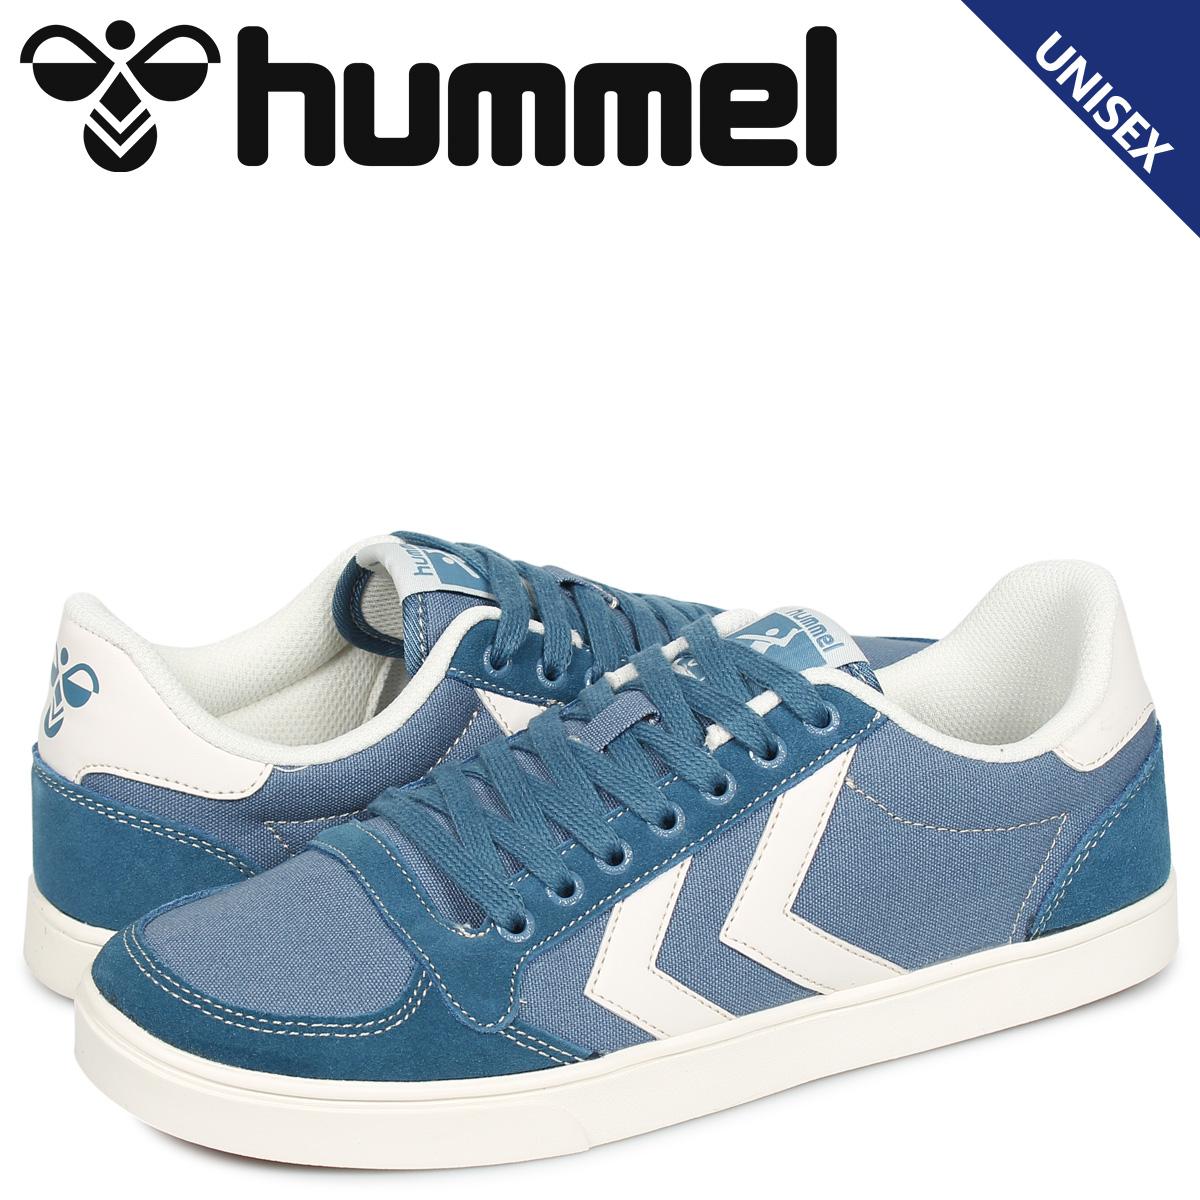 ヒュンメル hummel スリマー スタディール キャンバス ロー スニーカー メンズ レディース SLIMMER STADIL CANVAS LOW ブルー HM205900-7487 [10/25 新入荷]